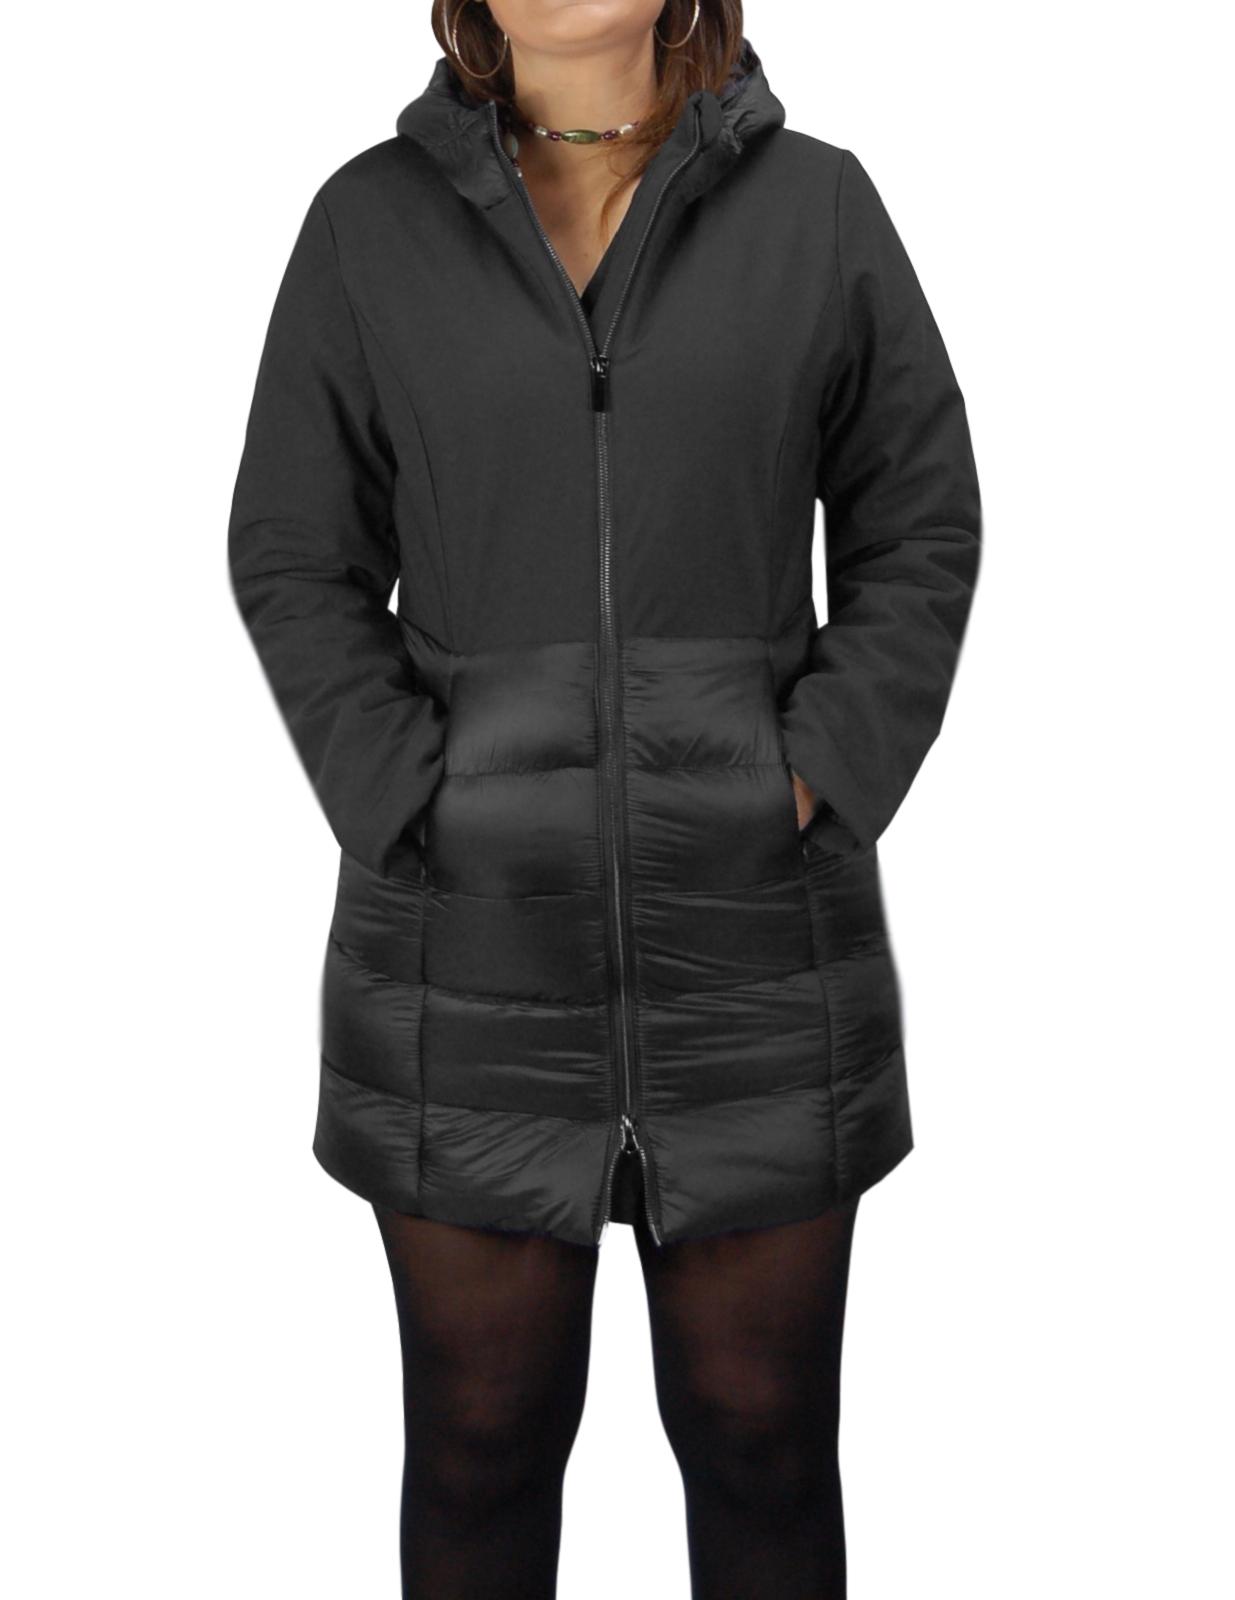 Giubbotto-Donna-Invernale-Piumino-Impermeabile-Parka-Blu-Nero-Slim-fit-Casual miniatura 11